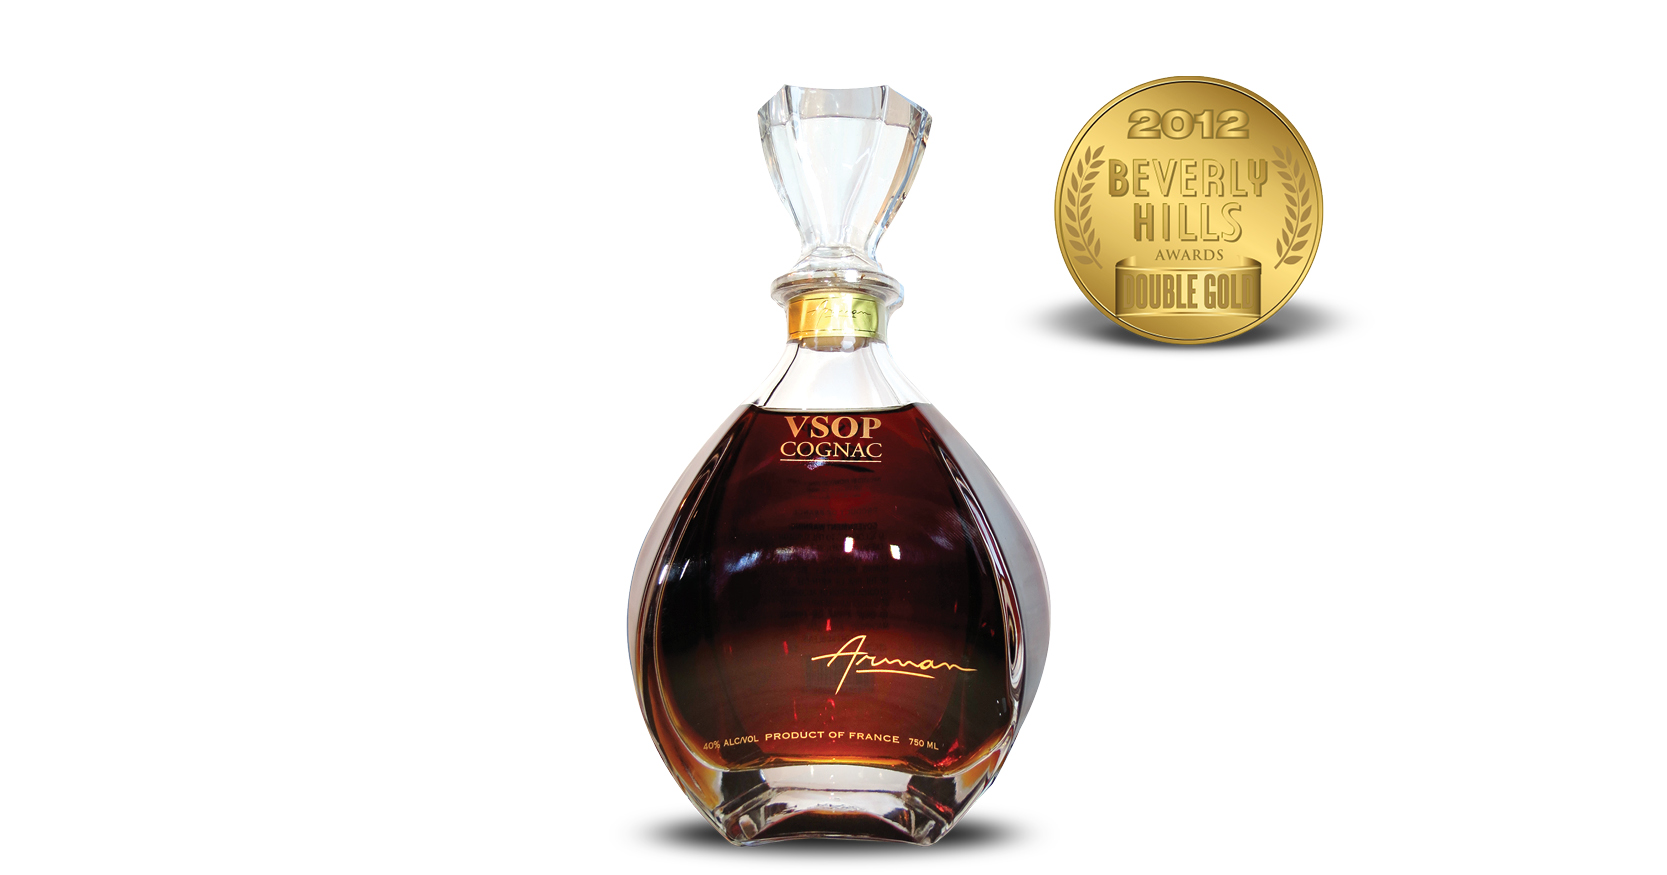 Arman VSOP Cognac